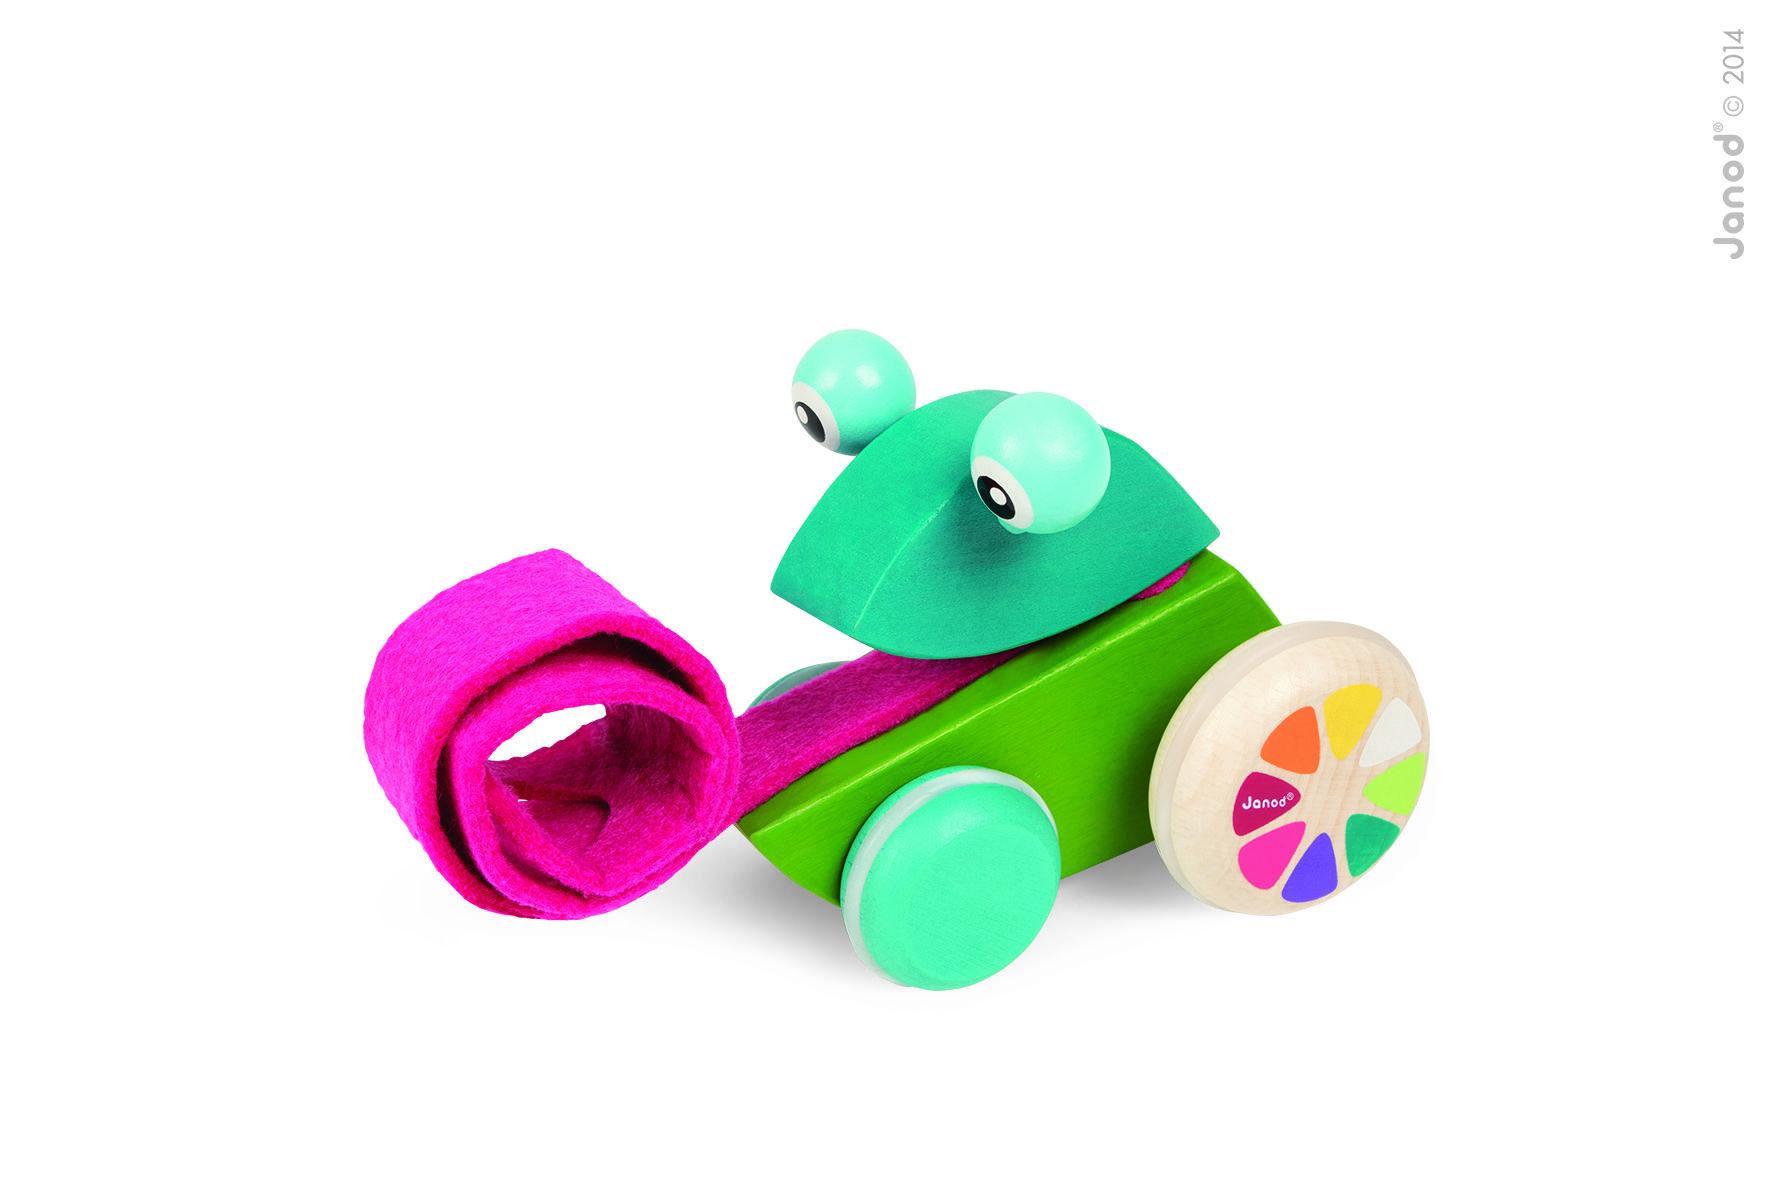 Houten Garage Janod : Zigolos kikker janod baby speelgoed houten speelgoed trek